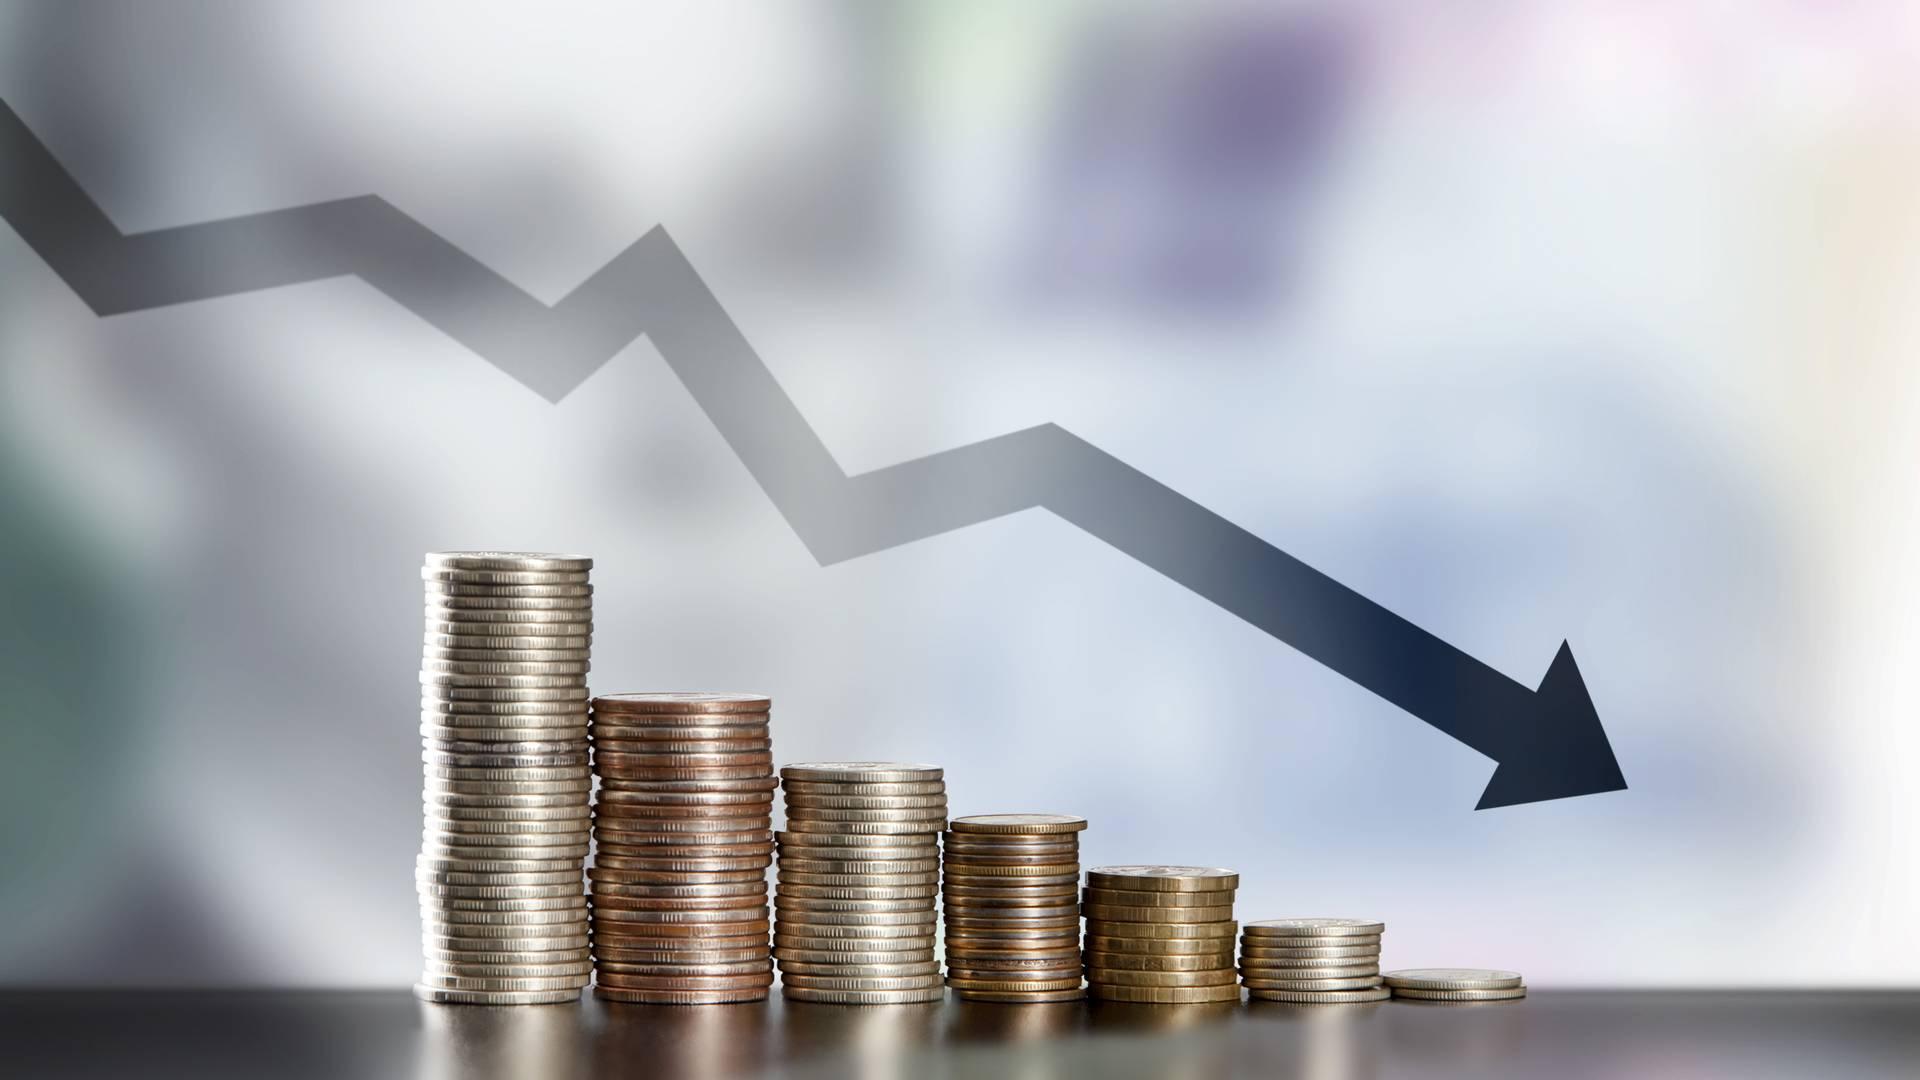 Тверская область стала лидером по темпам снижения долговой нагрузки